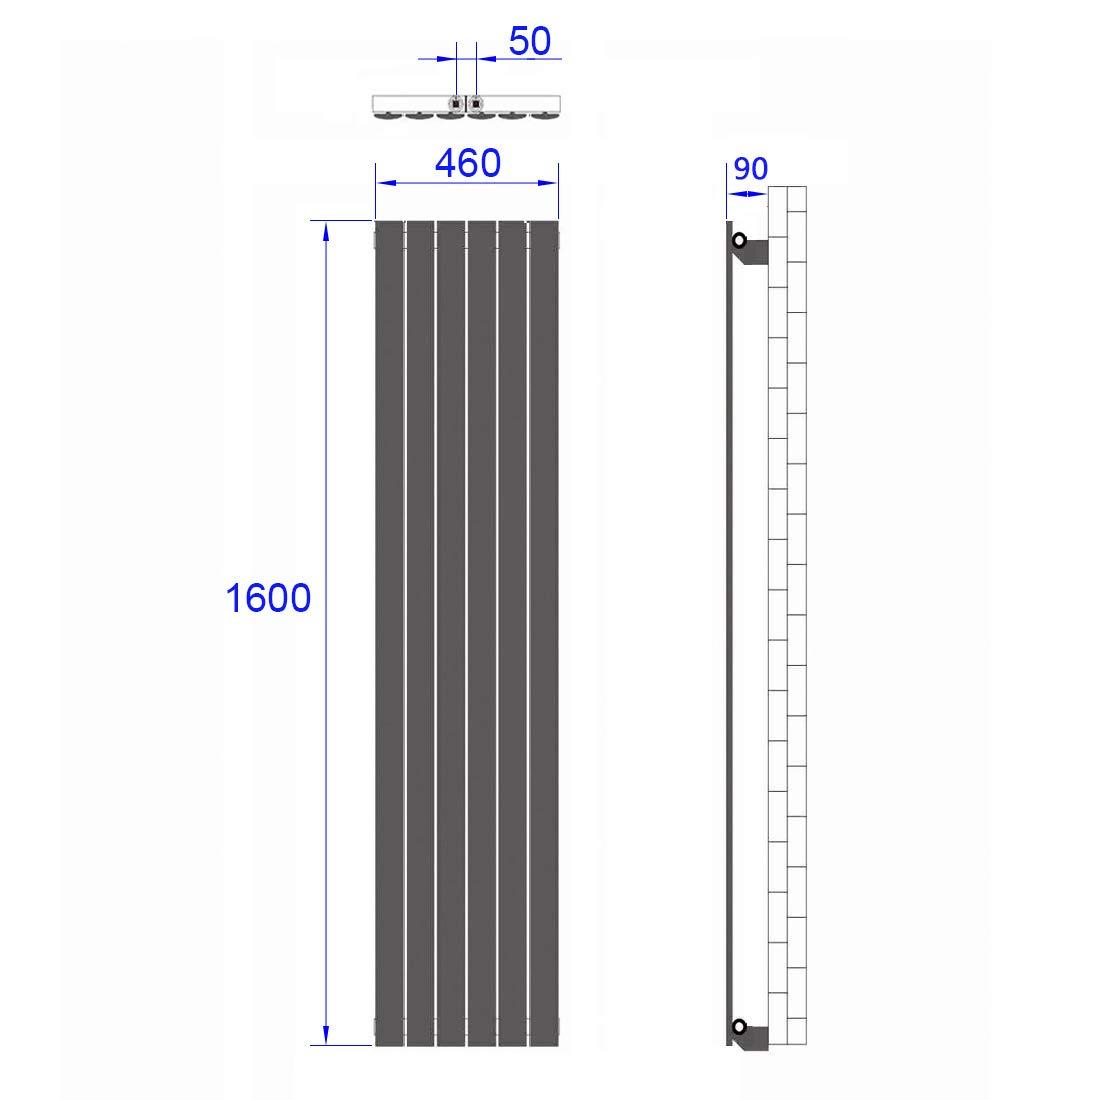 Anthrazit Vertikal Heizk/örper Design Paneelheizk/örper 1600x620mm Flach Doppellagig Mittelanschluss Heizung